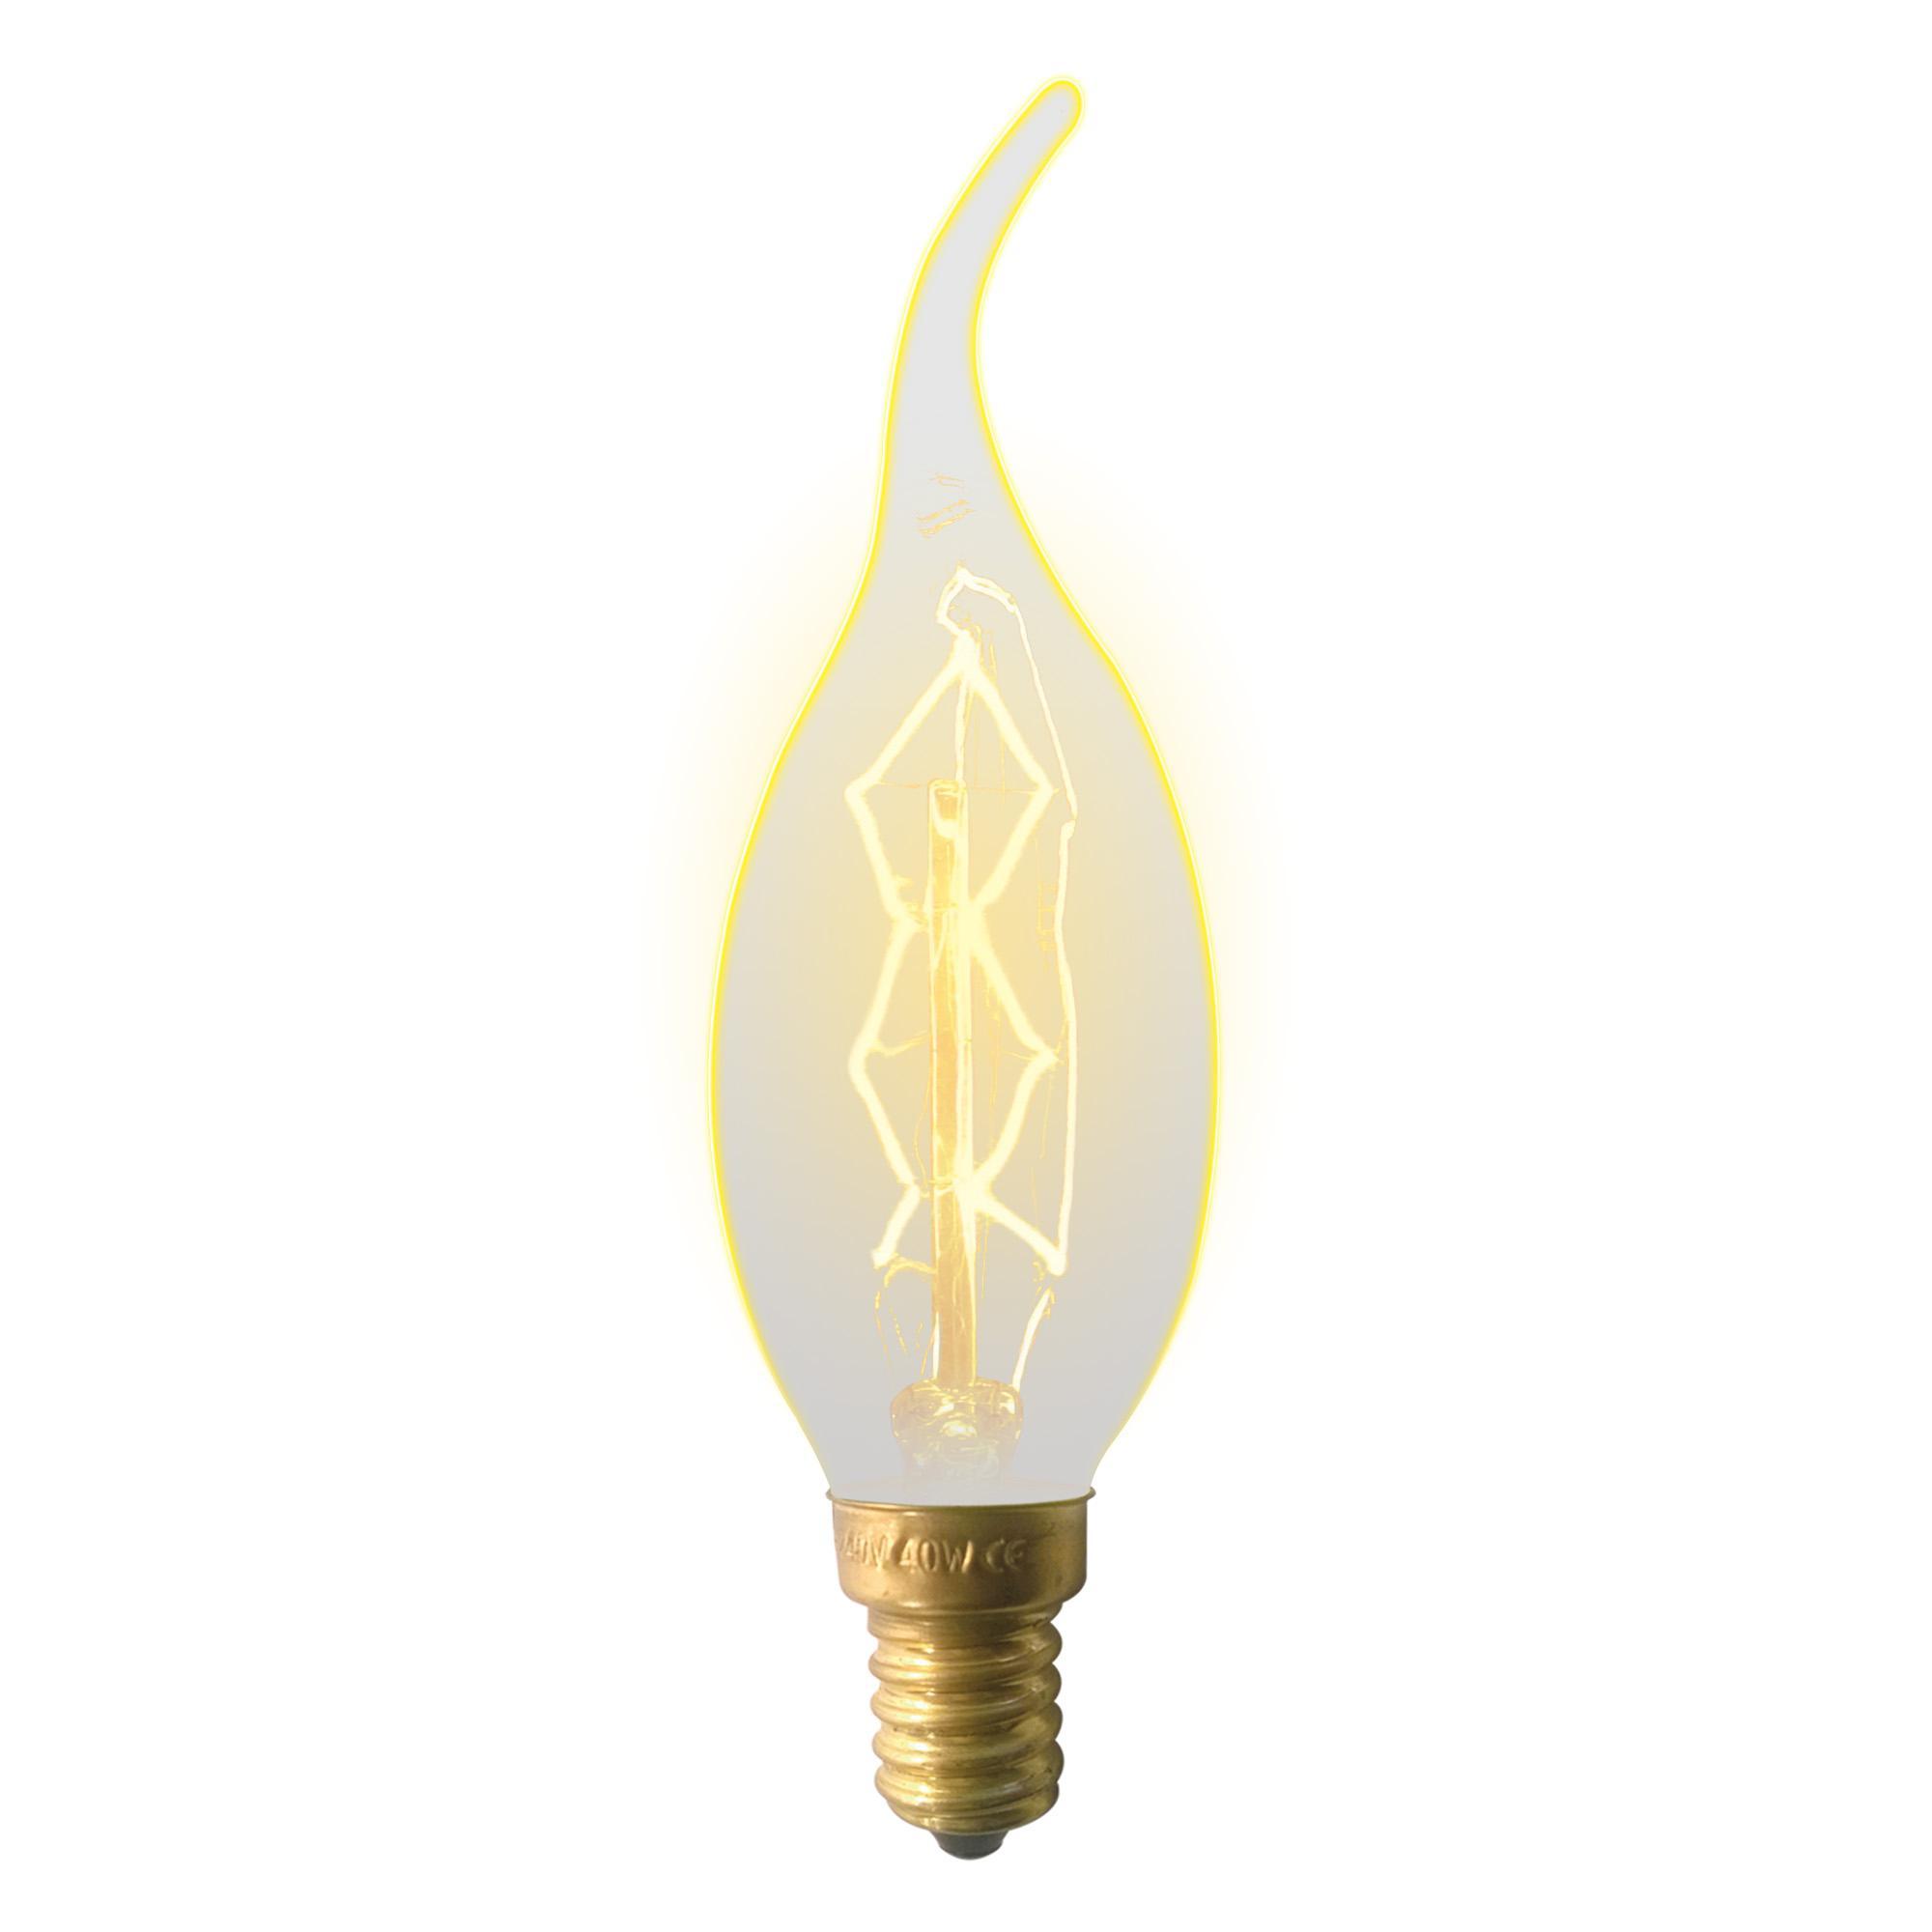 Лампа Uniel Il-v-cw35-60/golden/e14